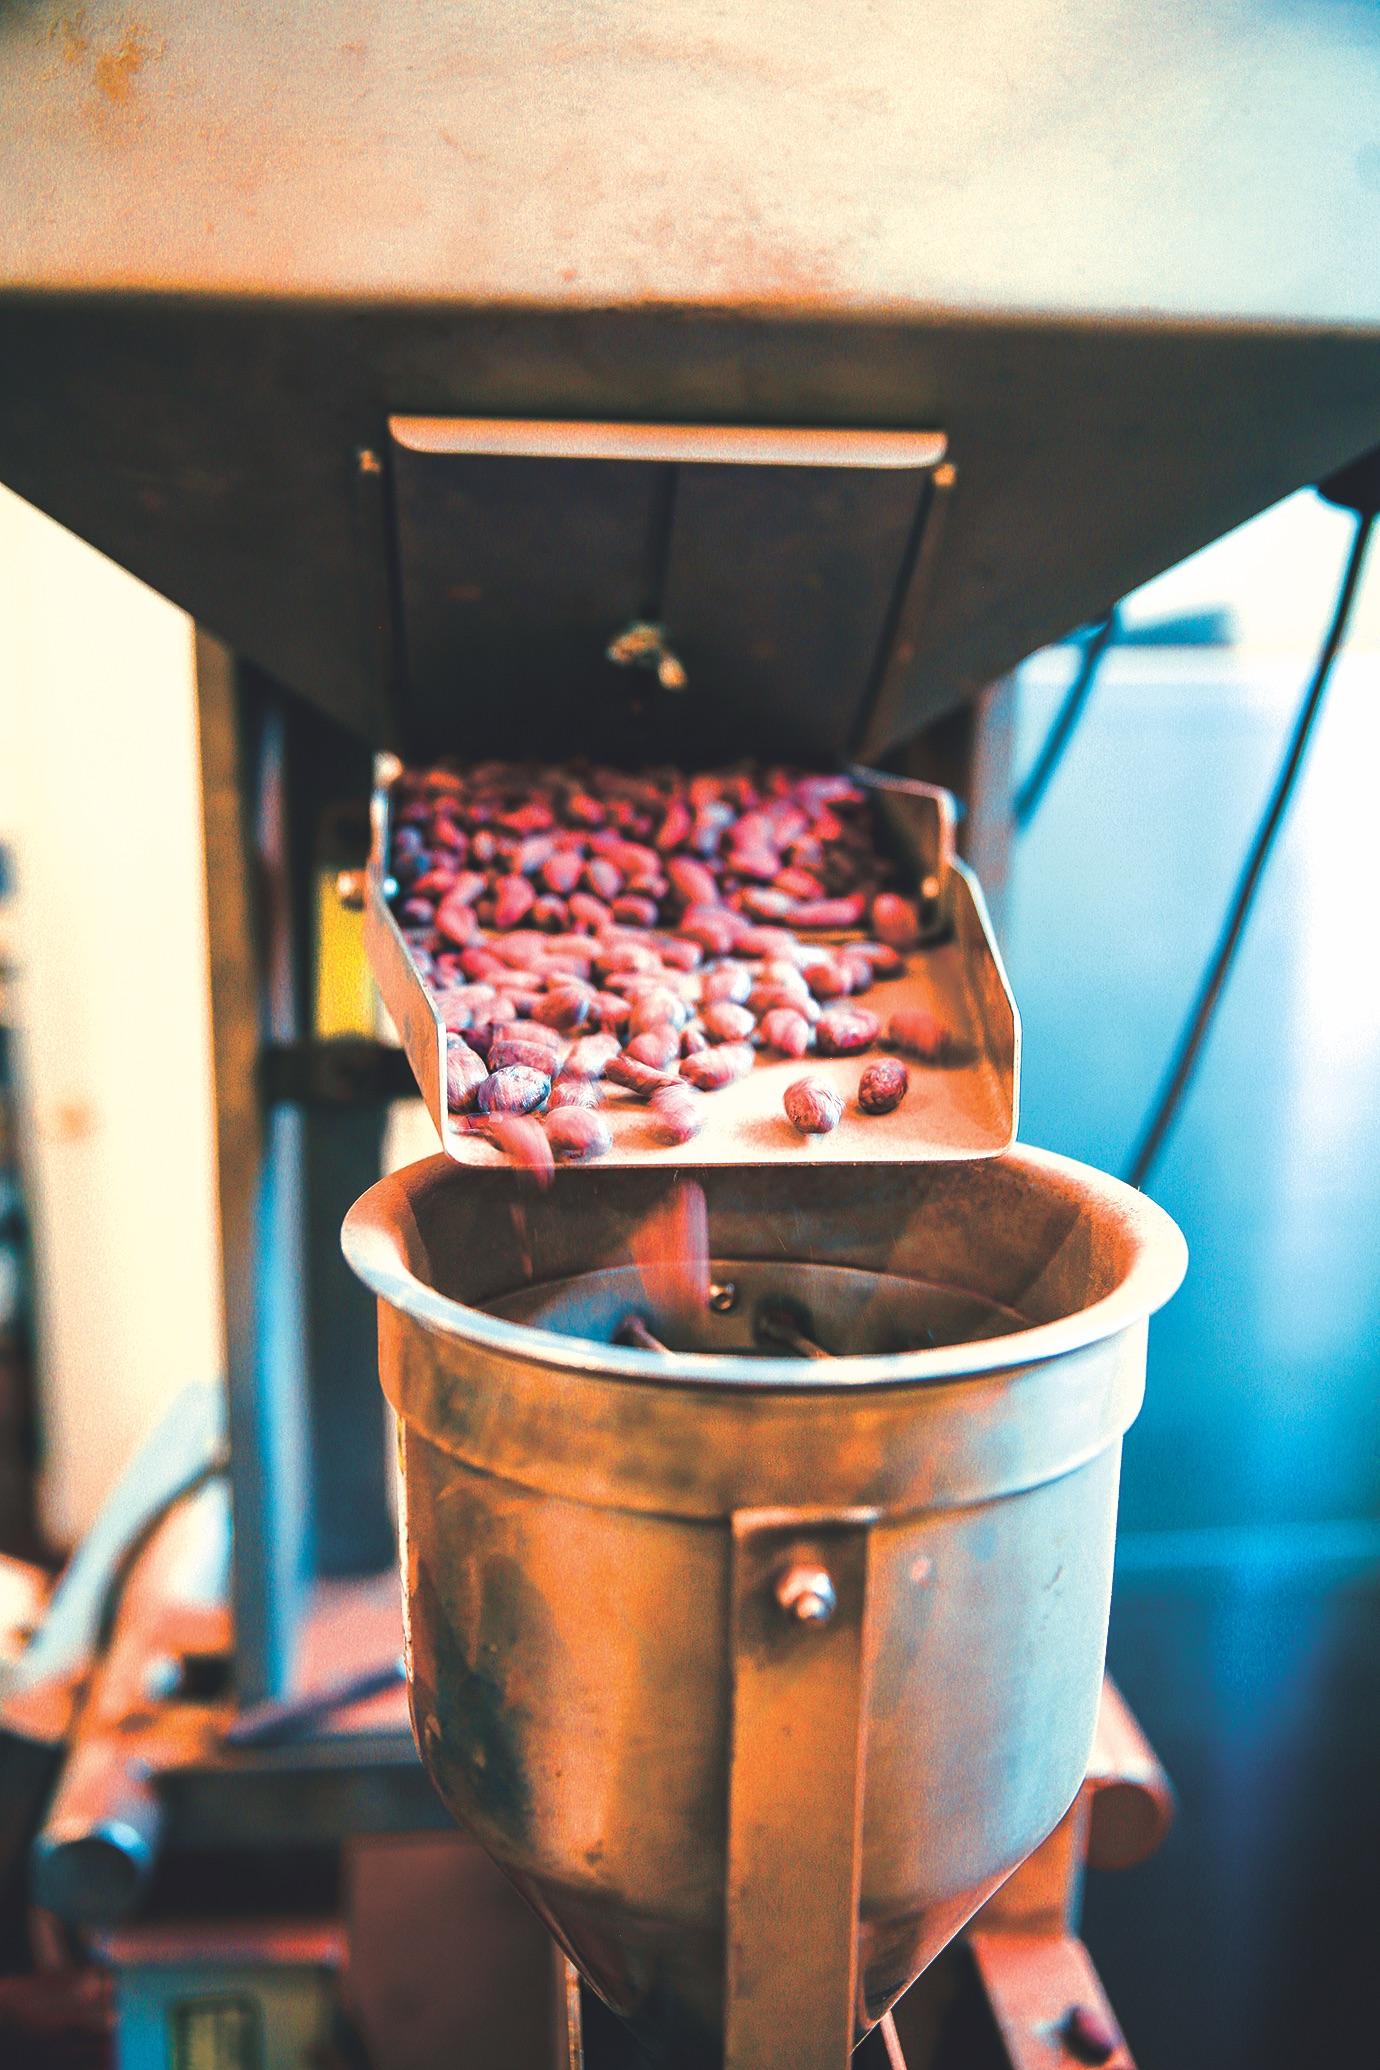 Maker Bean Grind